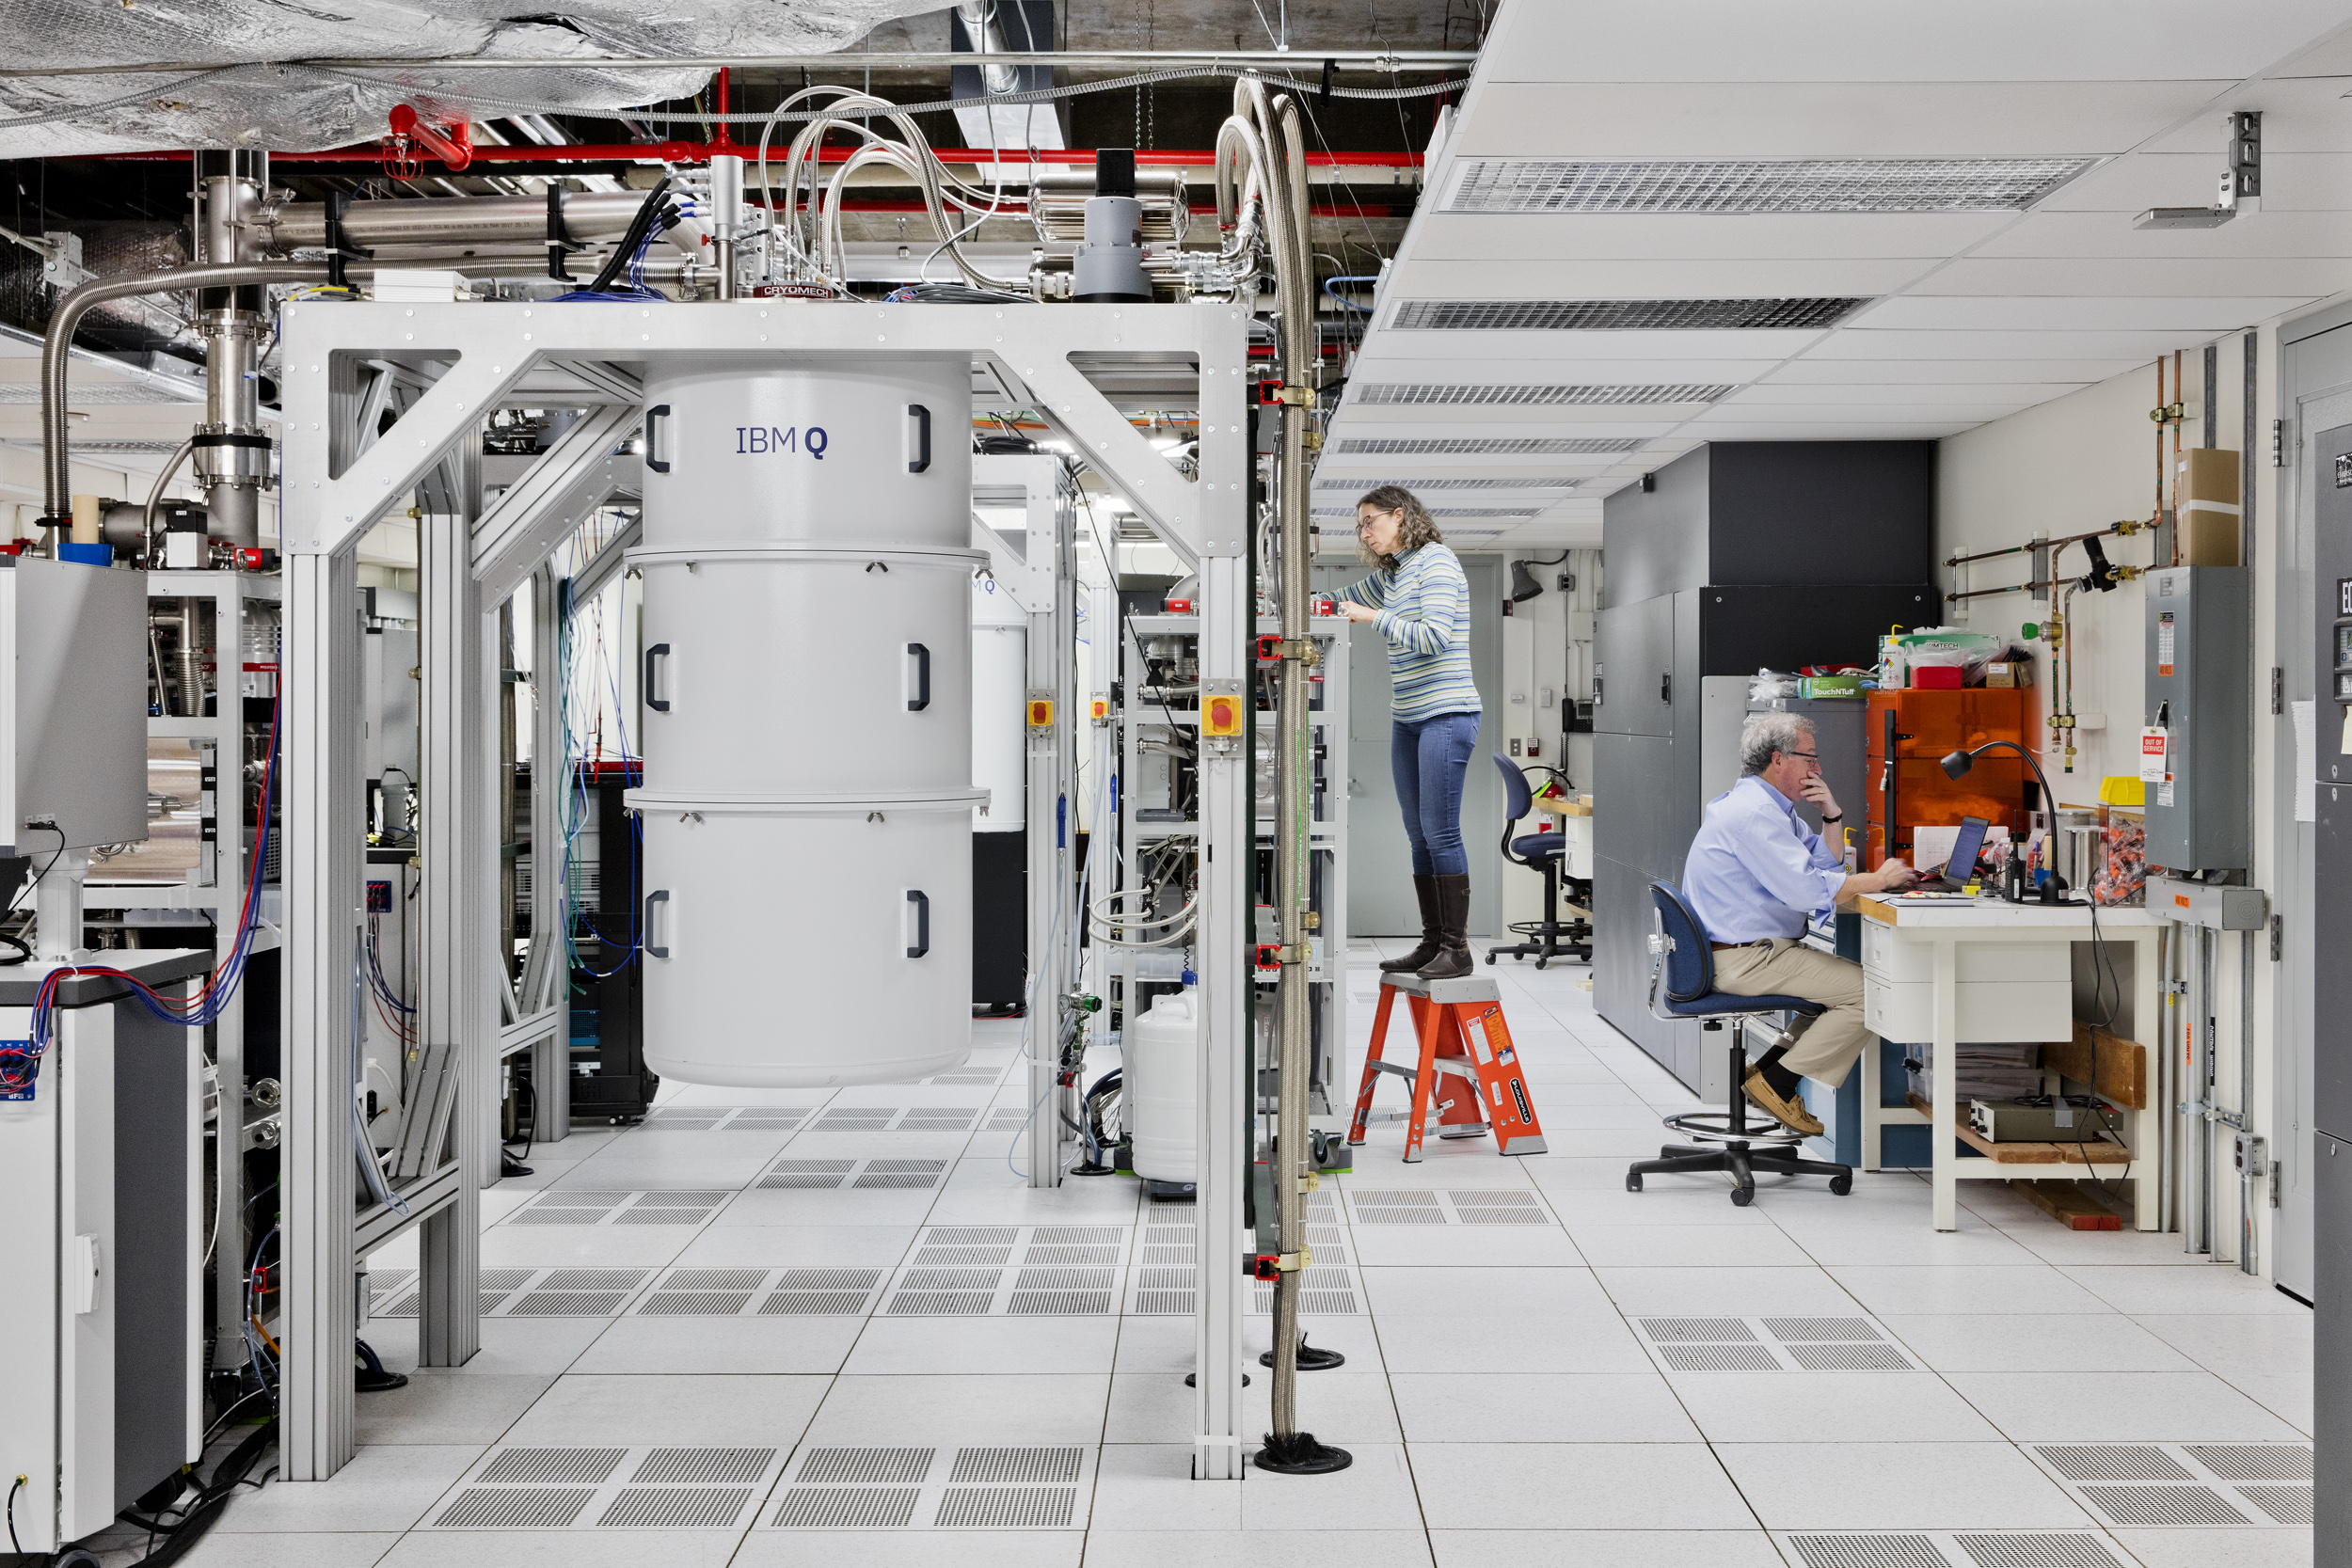 Person tending to IBM Q machine